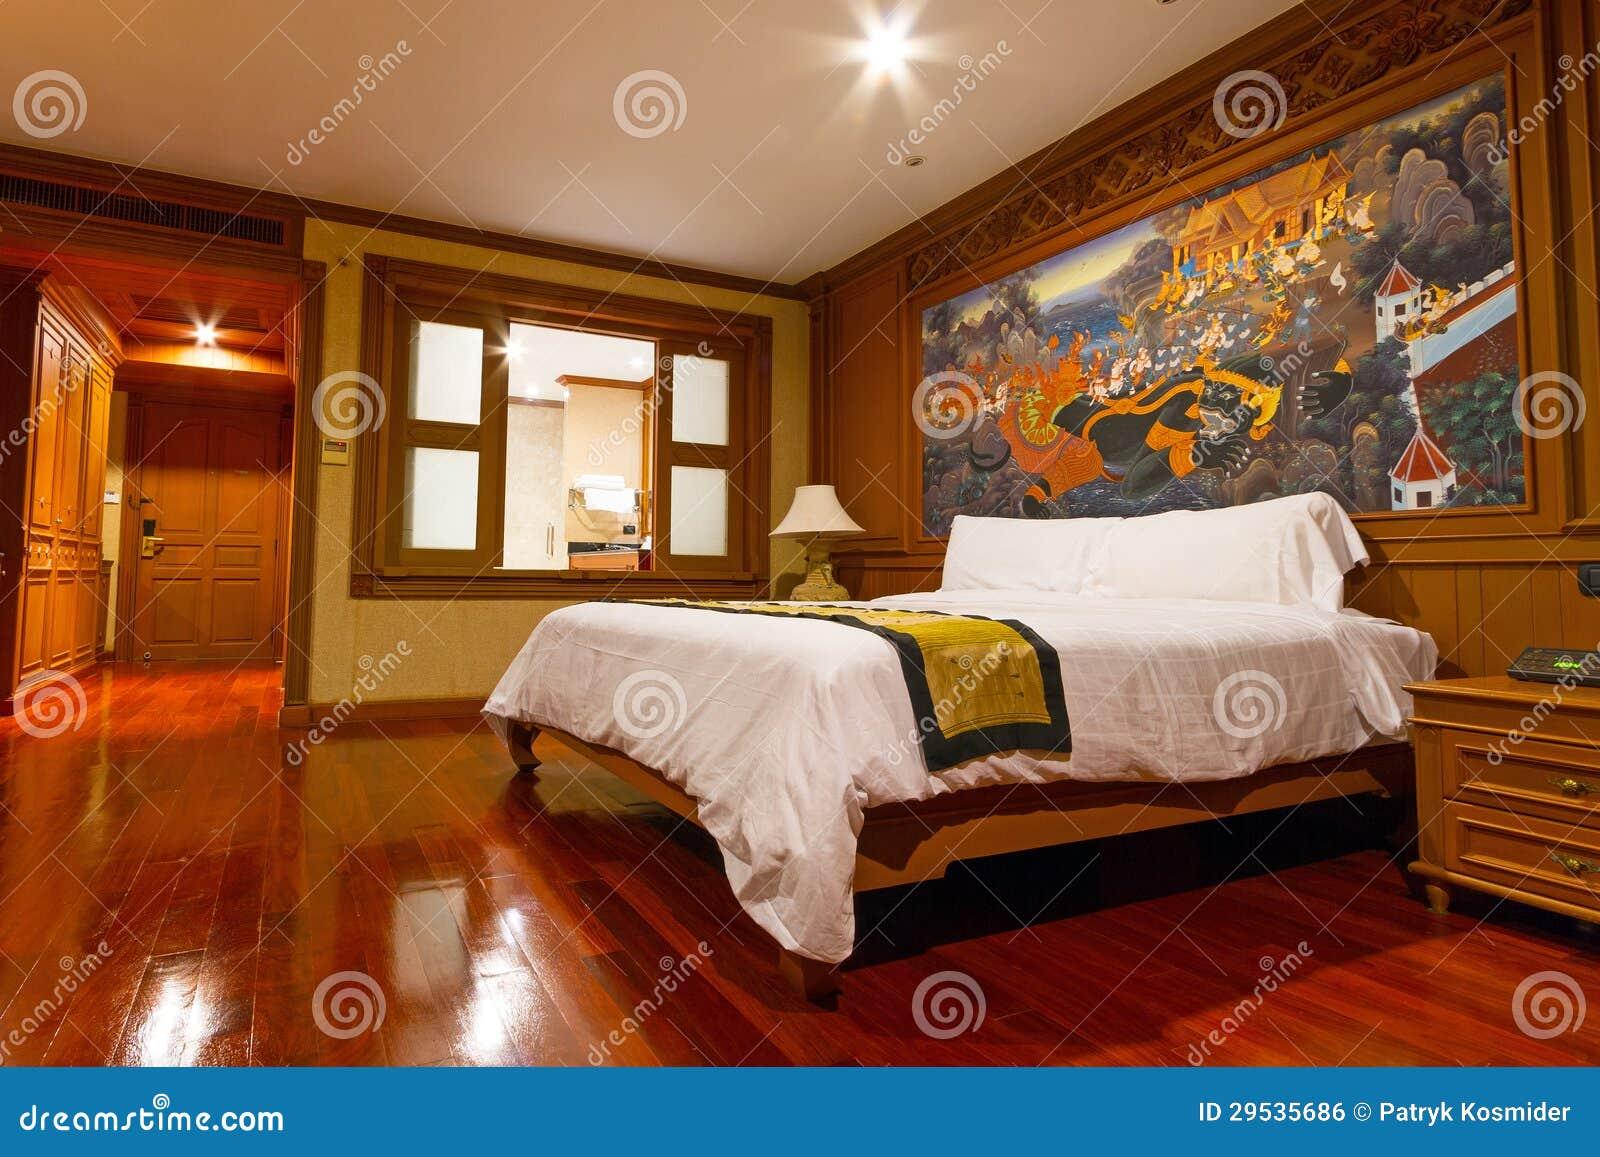 Camera da letto dell 39 albergo di lusso fotografia for Nuova camera da letto dell inghilterra